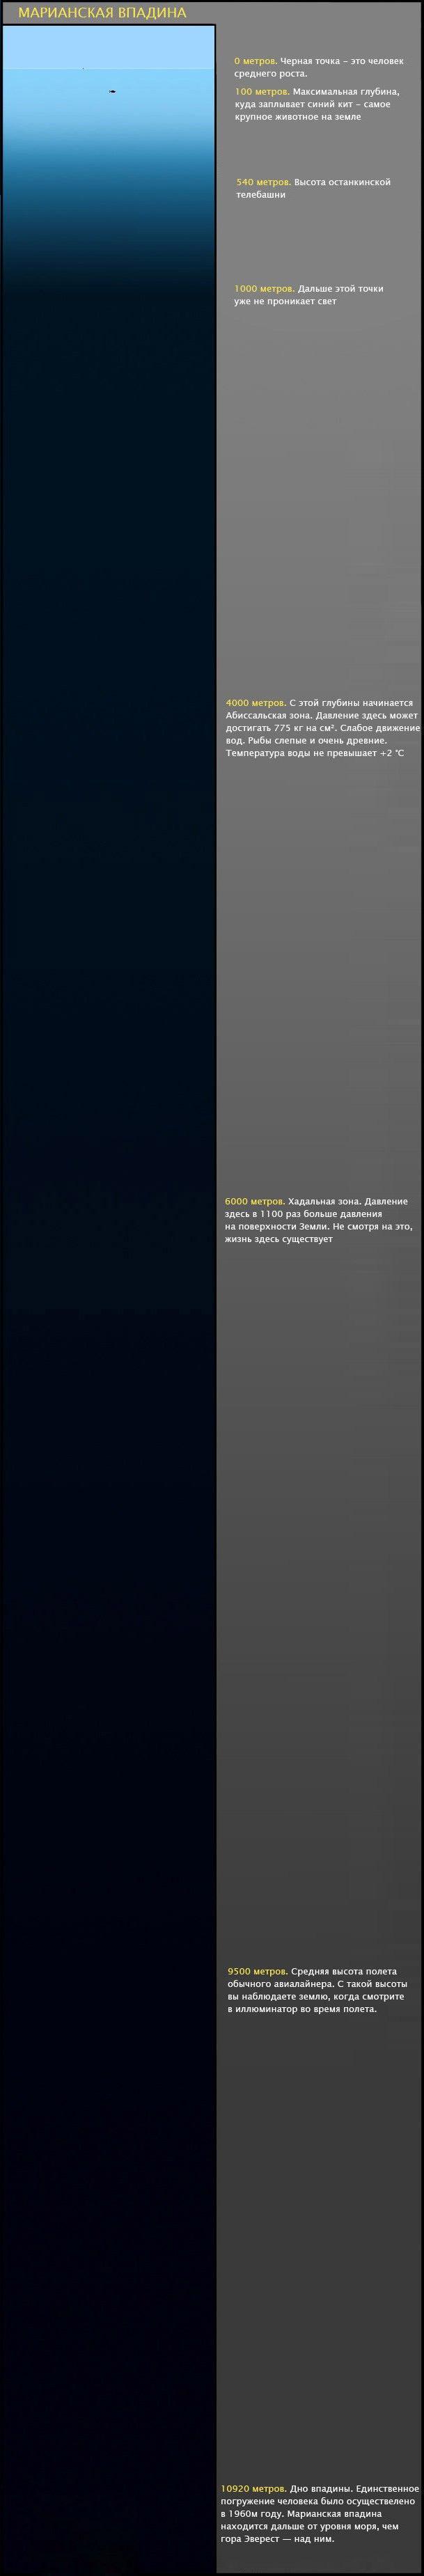 marianskaya-vpadina-zhelob-interesnyefakty-org